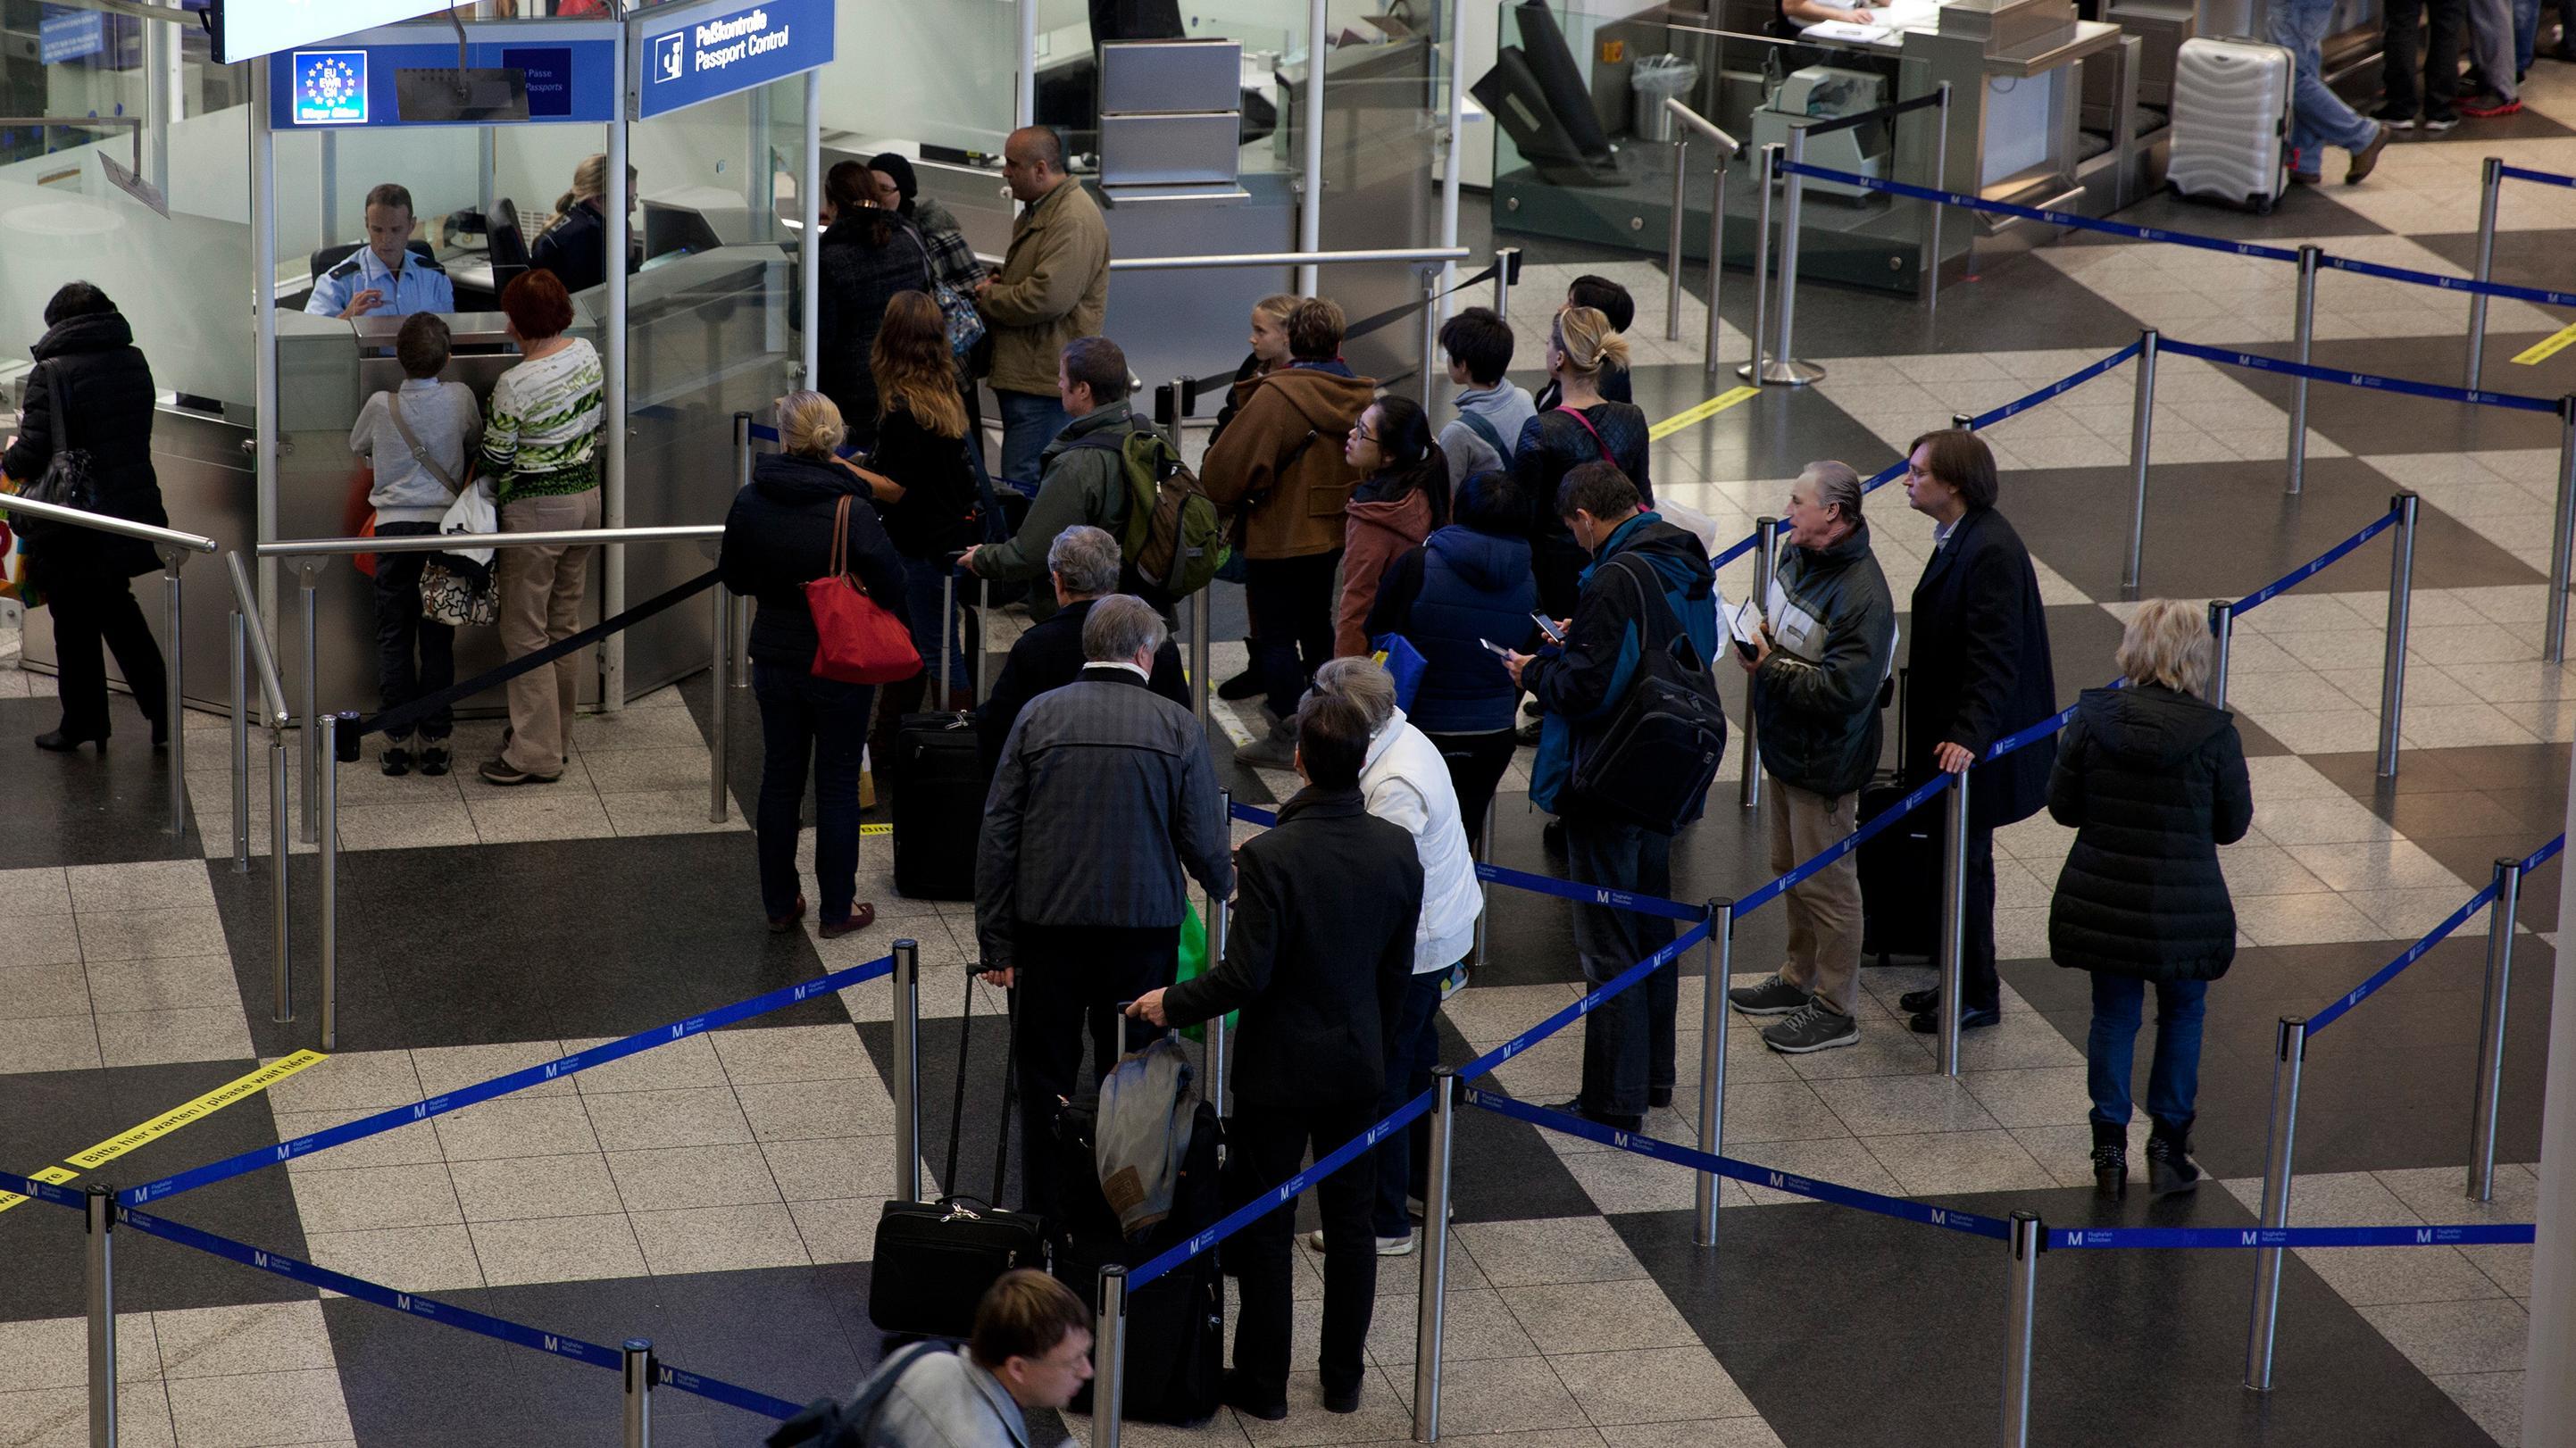 Passkontrolle am Flughafen in München.